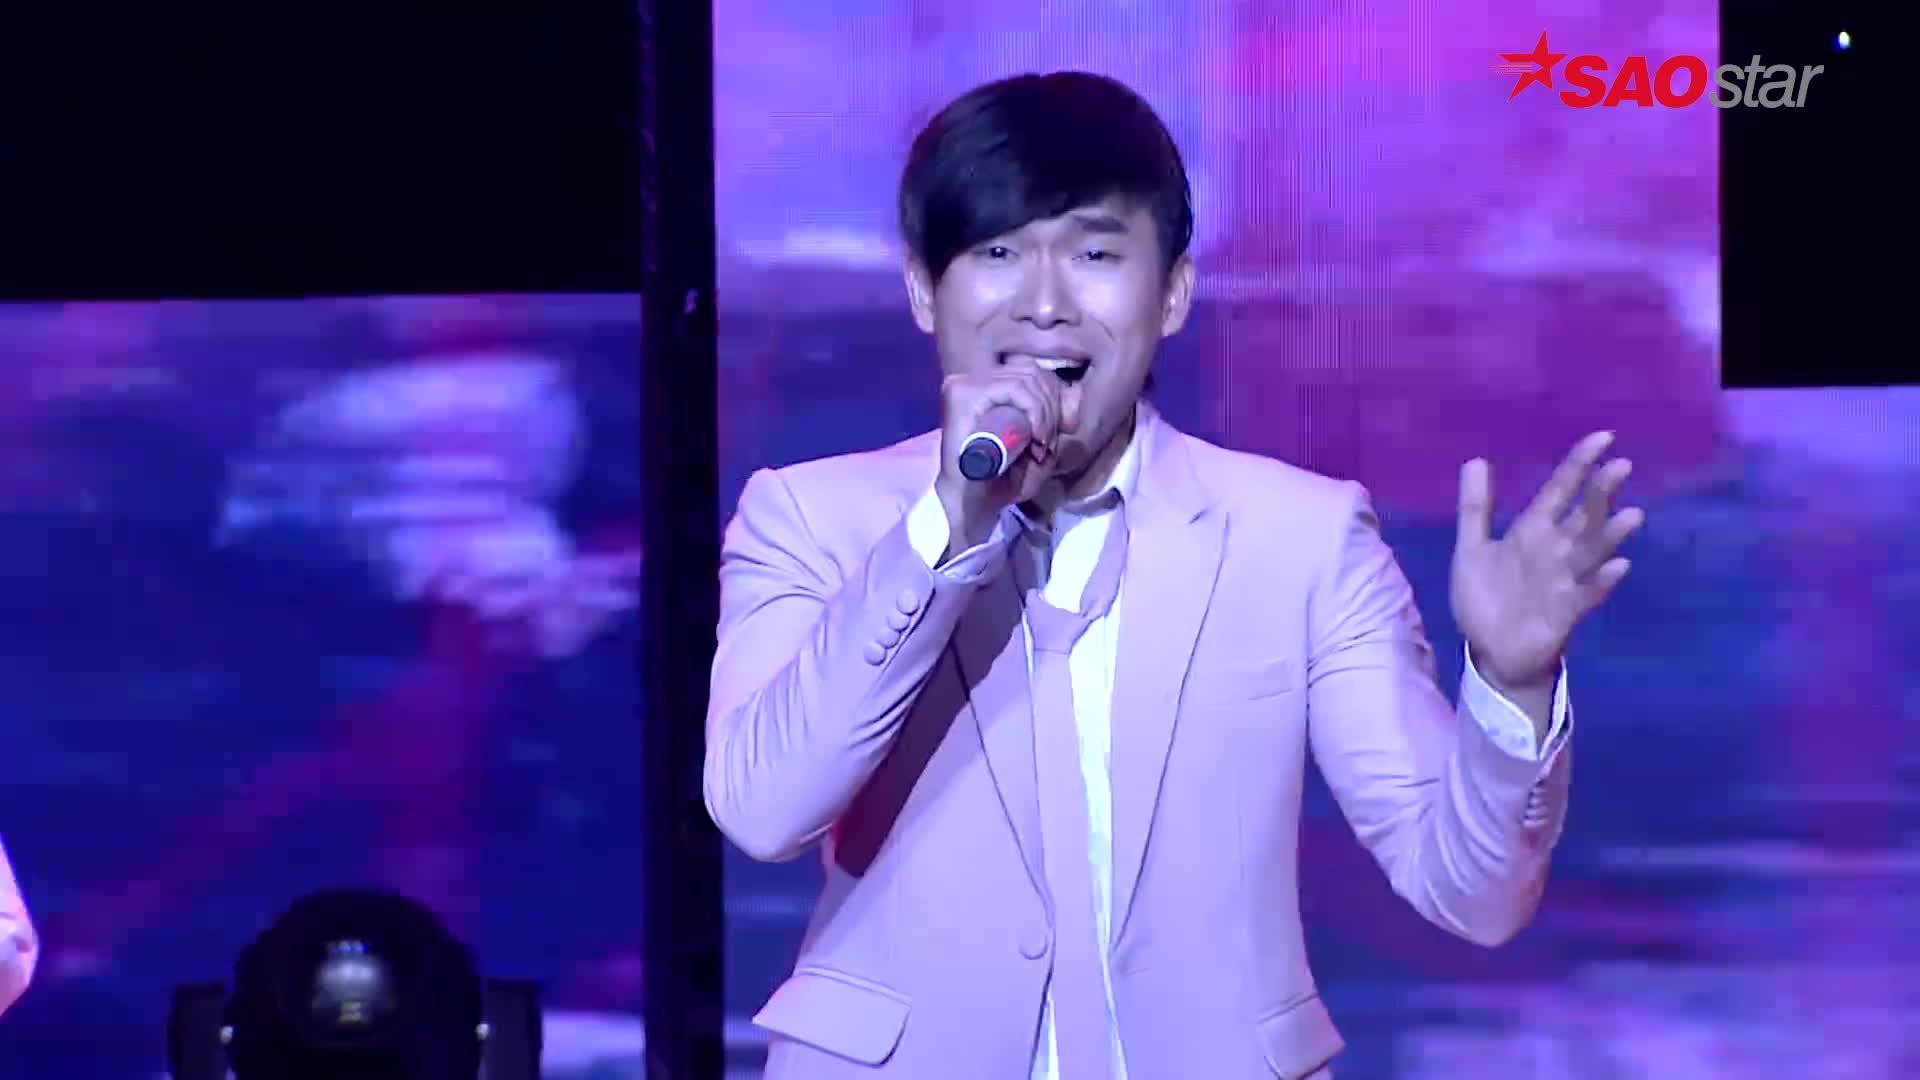 HLV Đàm Vĩnh Hưng táo bạo phối beatbox trong Thành phố buồn cho học trò thể hiện